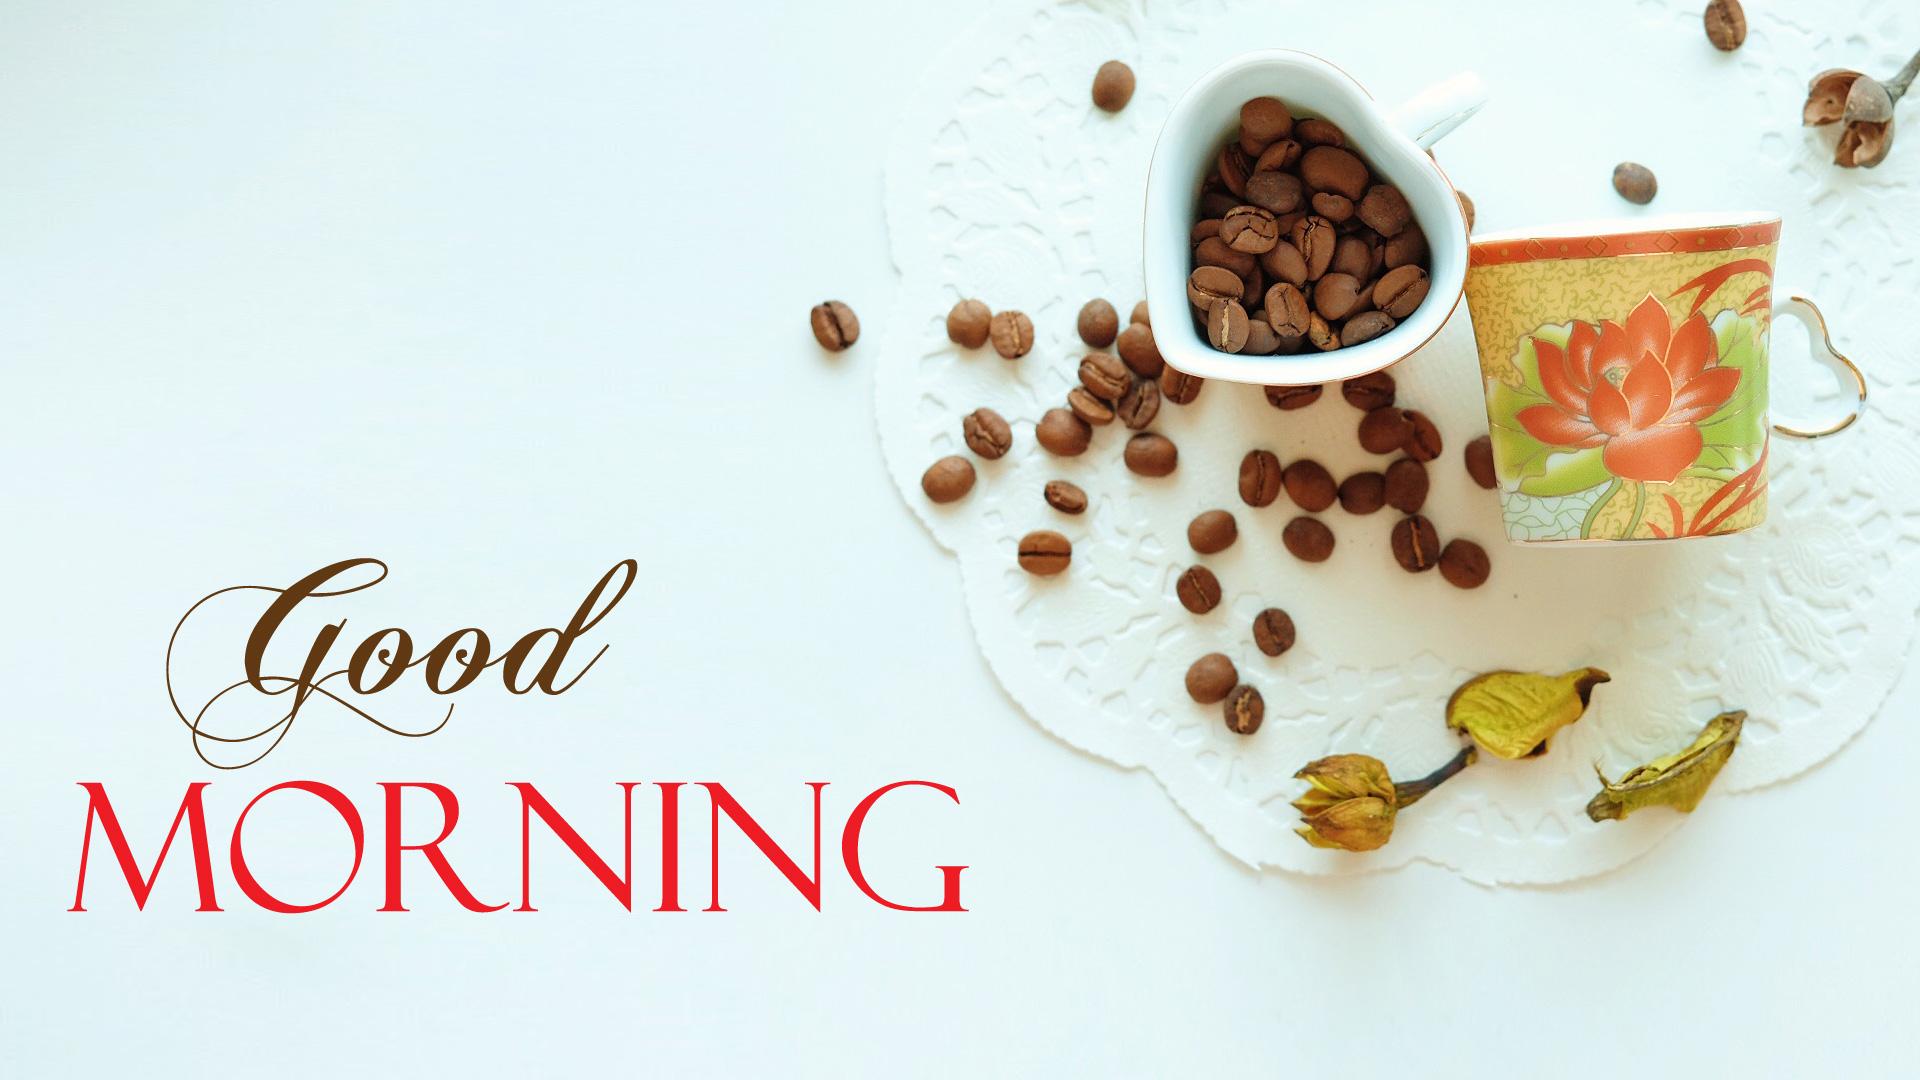 بالصور اجمل الصور المتحركة صباح الخير , صور جميلة متحركة لصباح الخير 3882 1